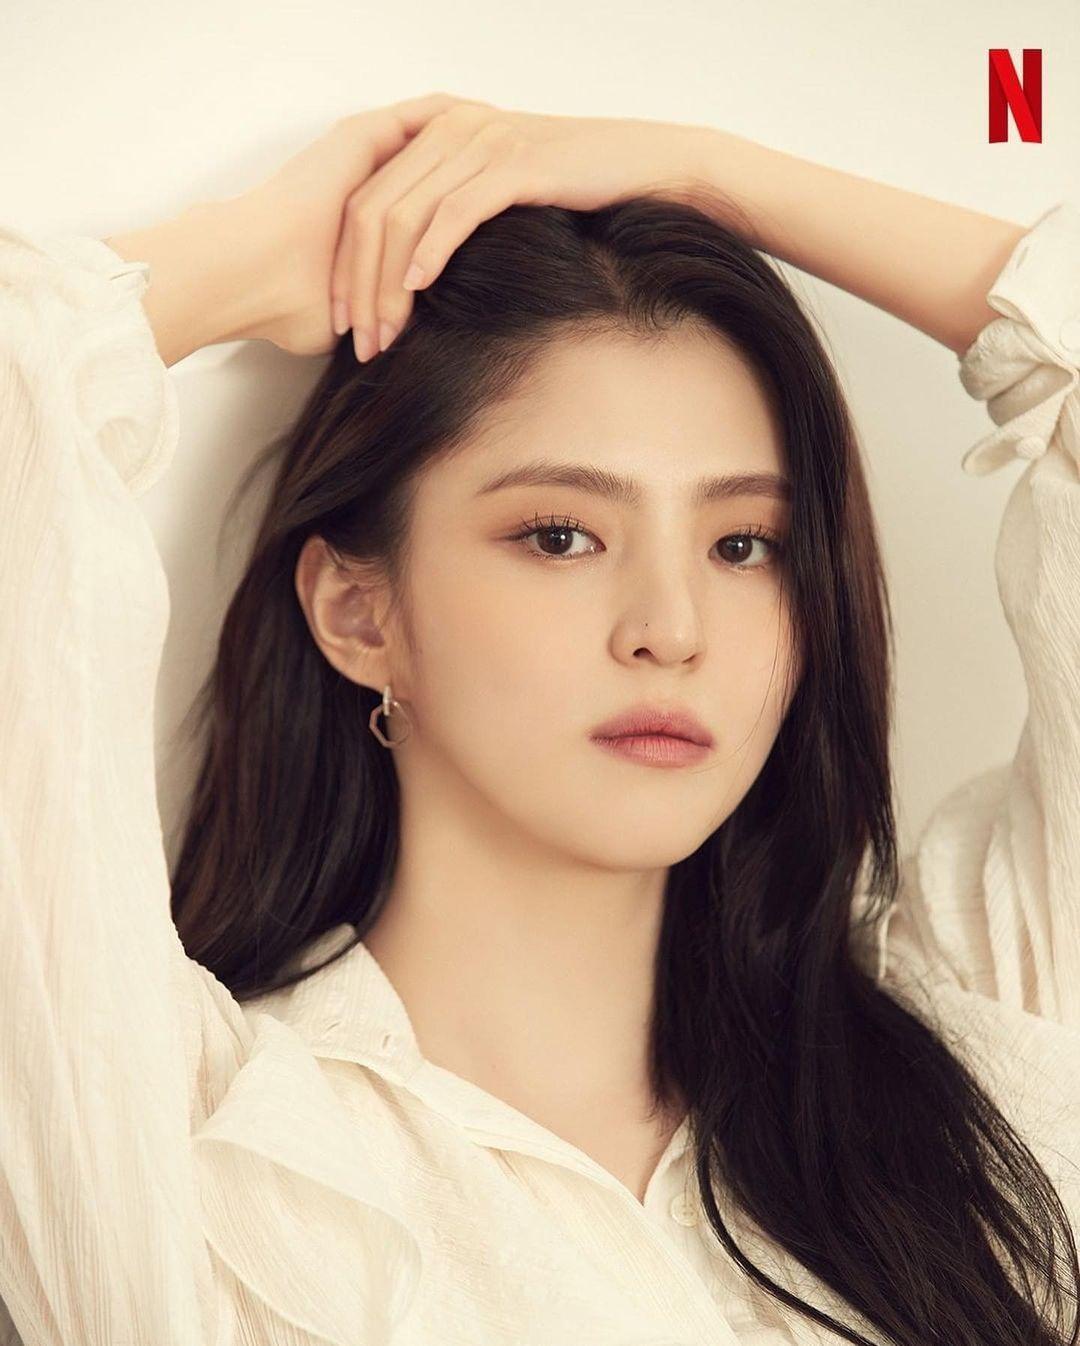 4 xu hướng nhuộm tóc mùa thu của sao Hàn: Toàn màu tôn da, thanh lịch hợp công sở - Ảnh 17